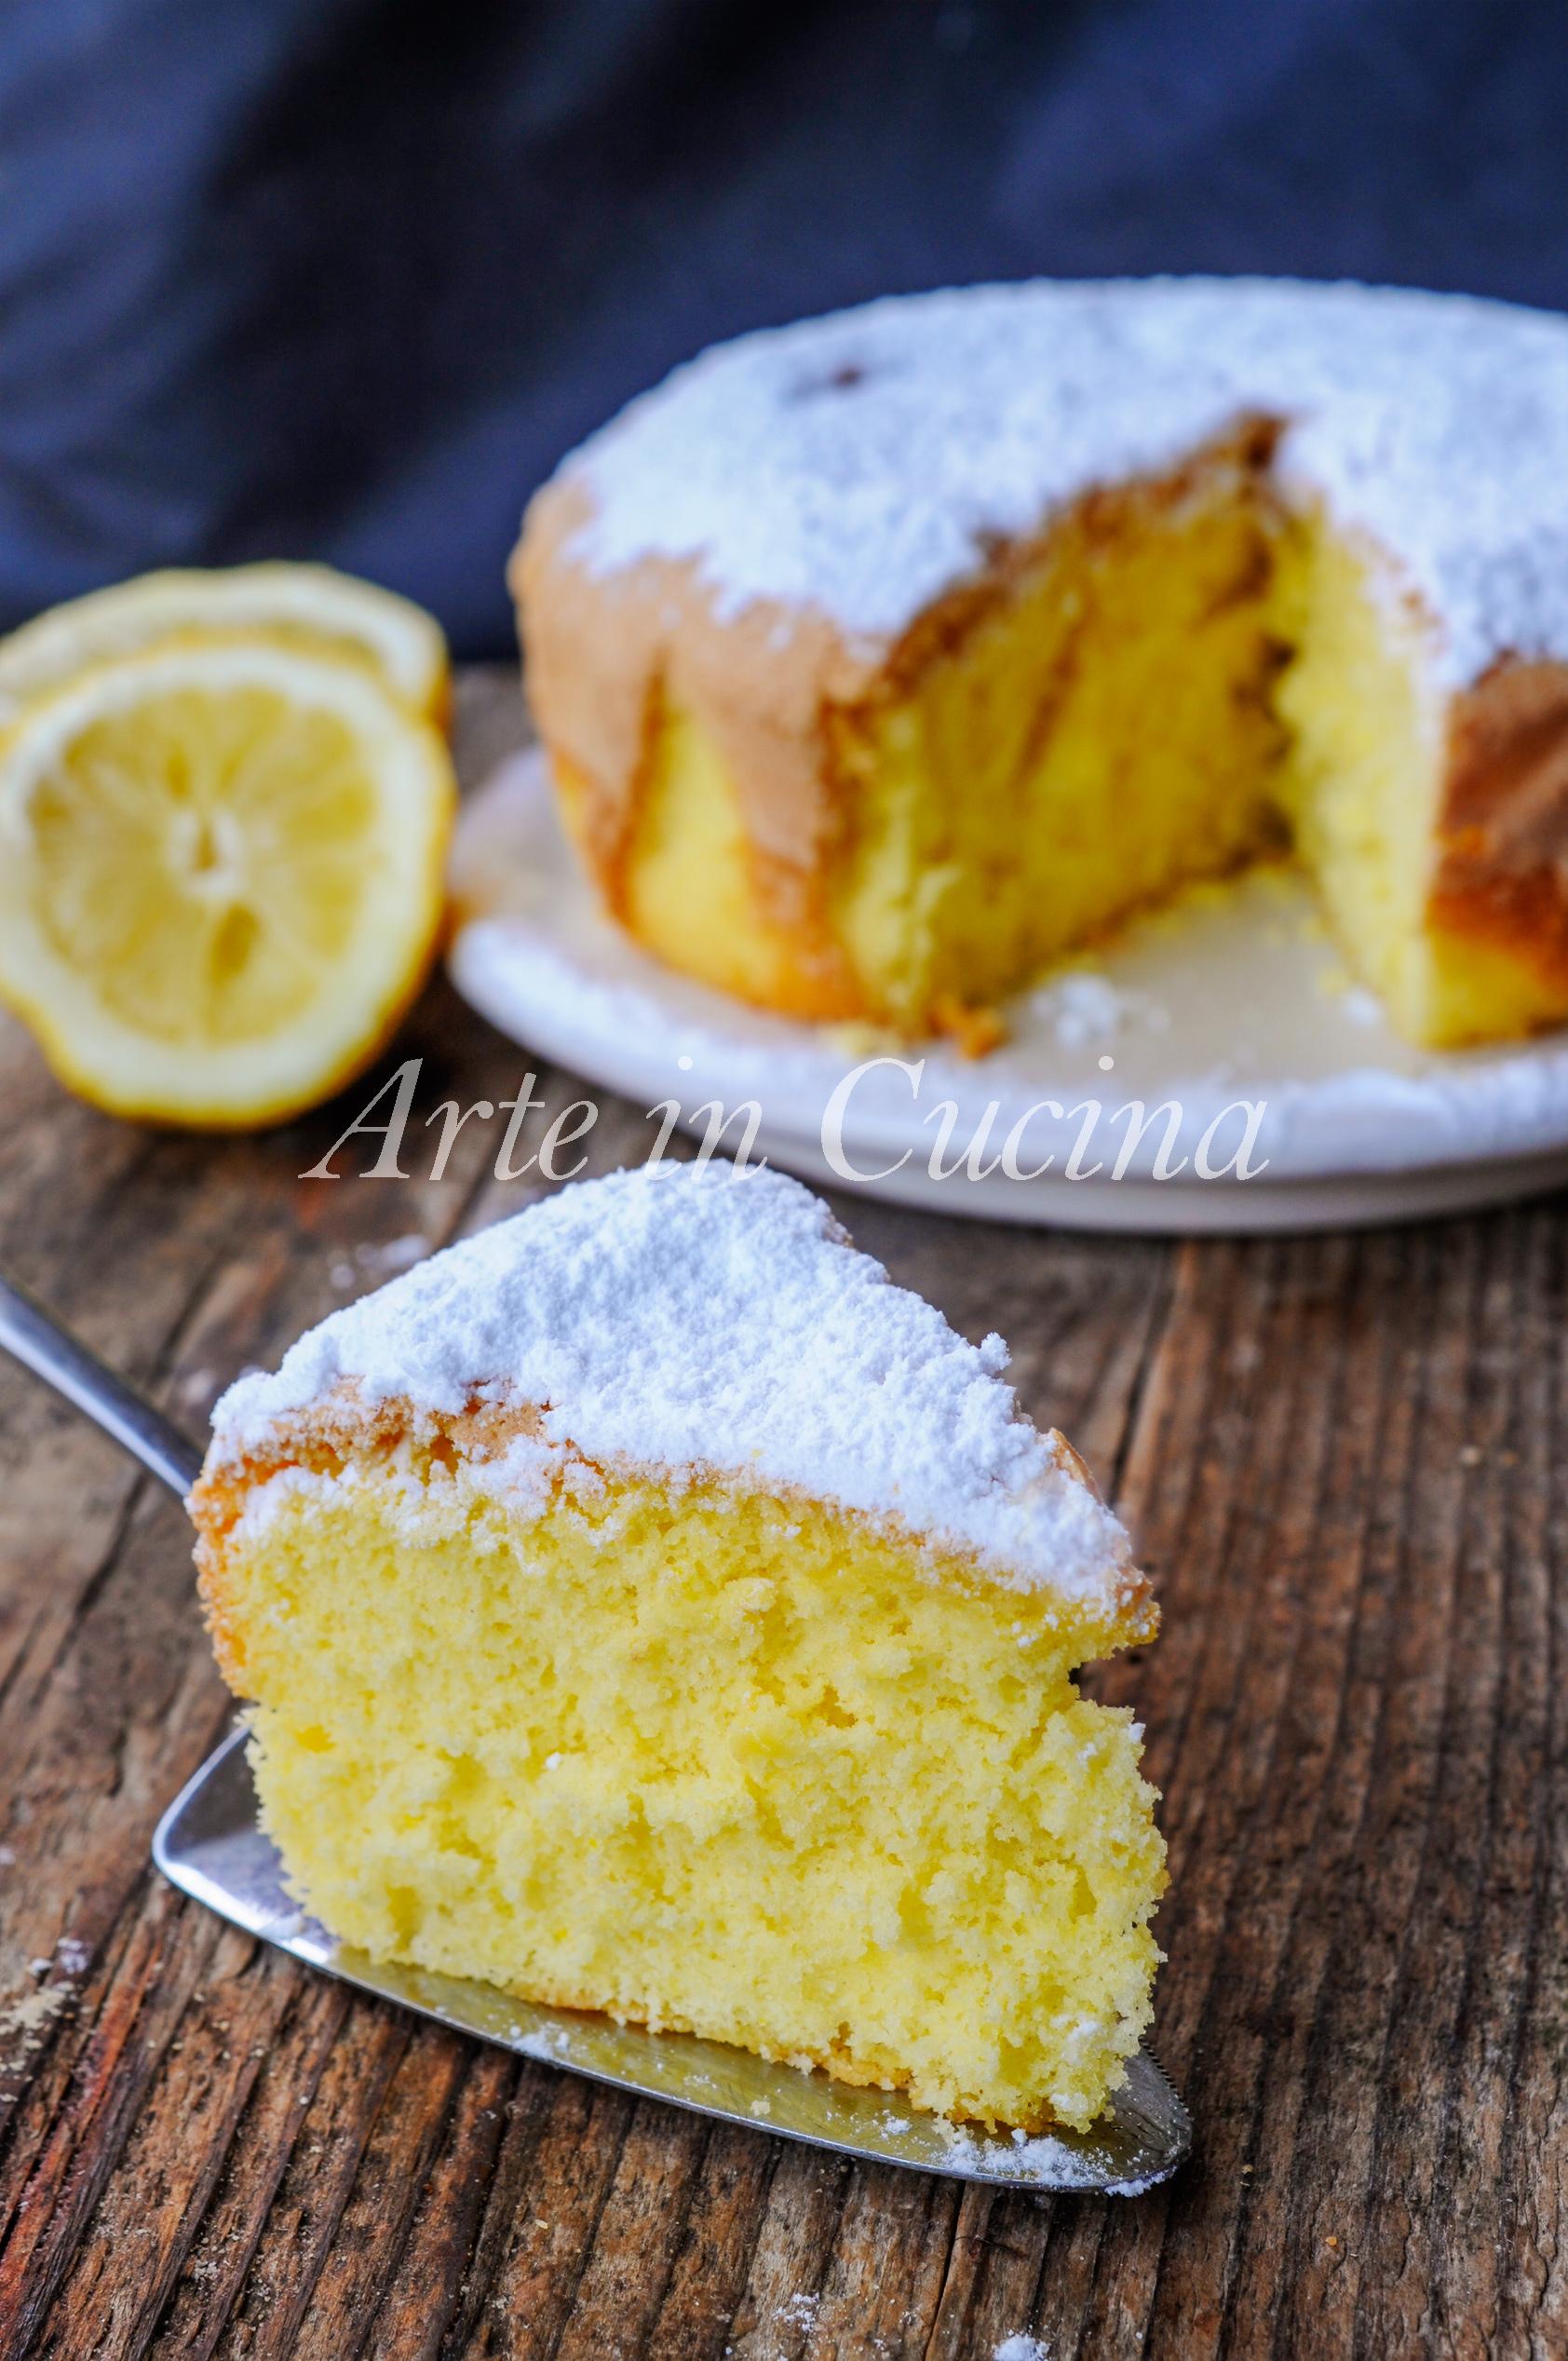 Torta genovese con paste genoise ricetta veloce vickyart arte in cucina